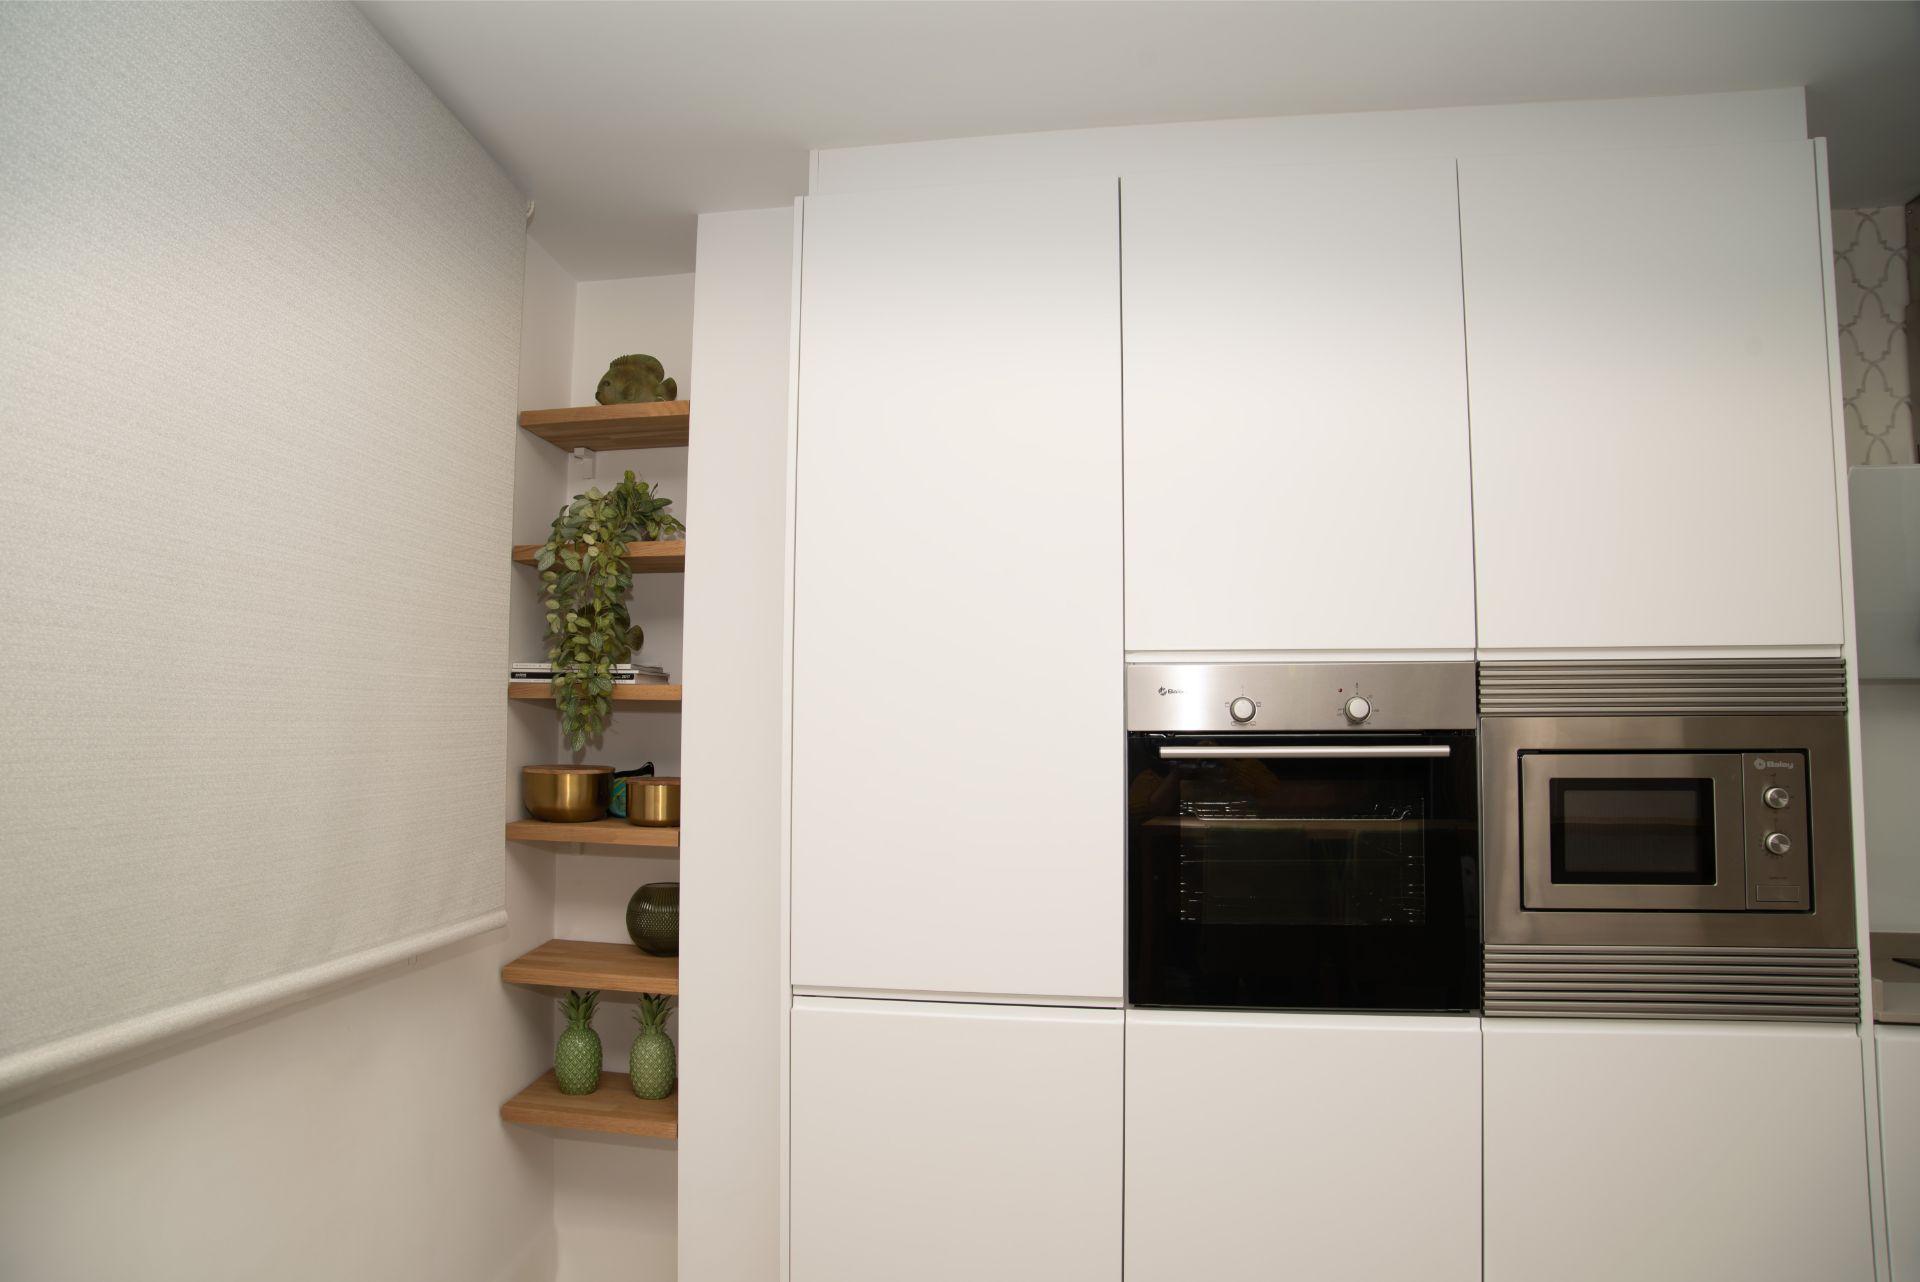 proyecto-interiorismo-interioristas-viviendas-particulares-casas-chalets-diseno-18